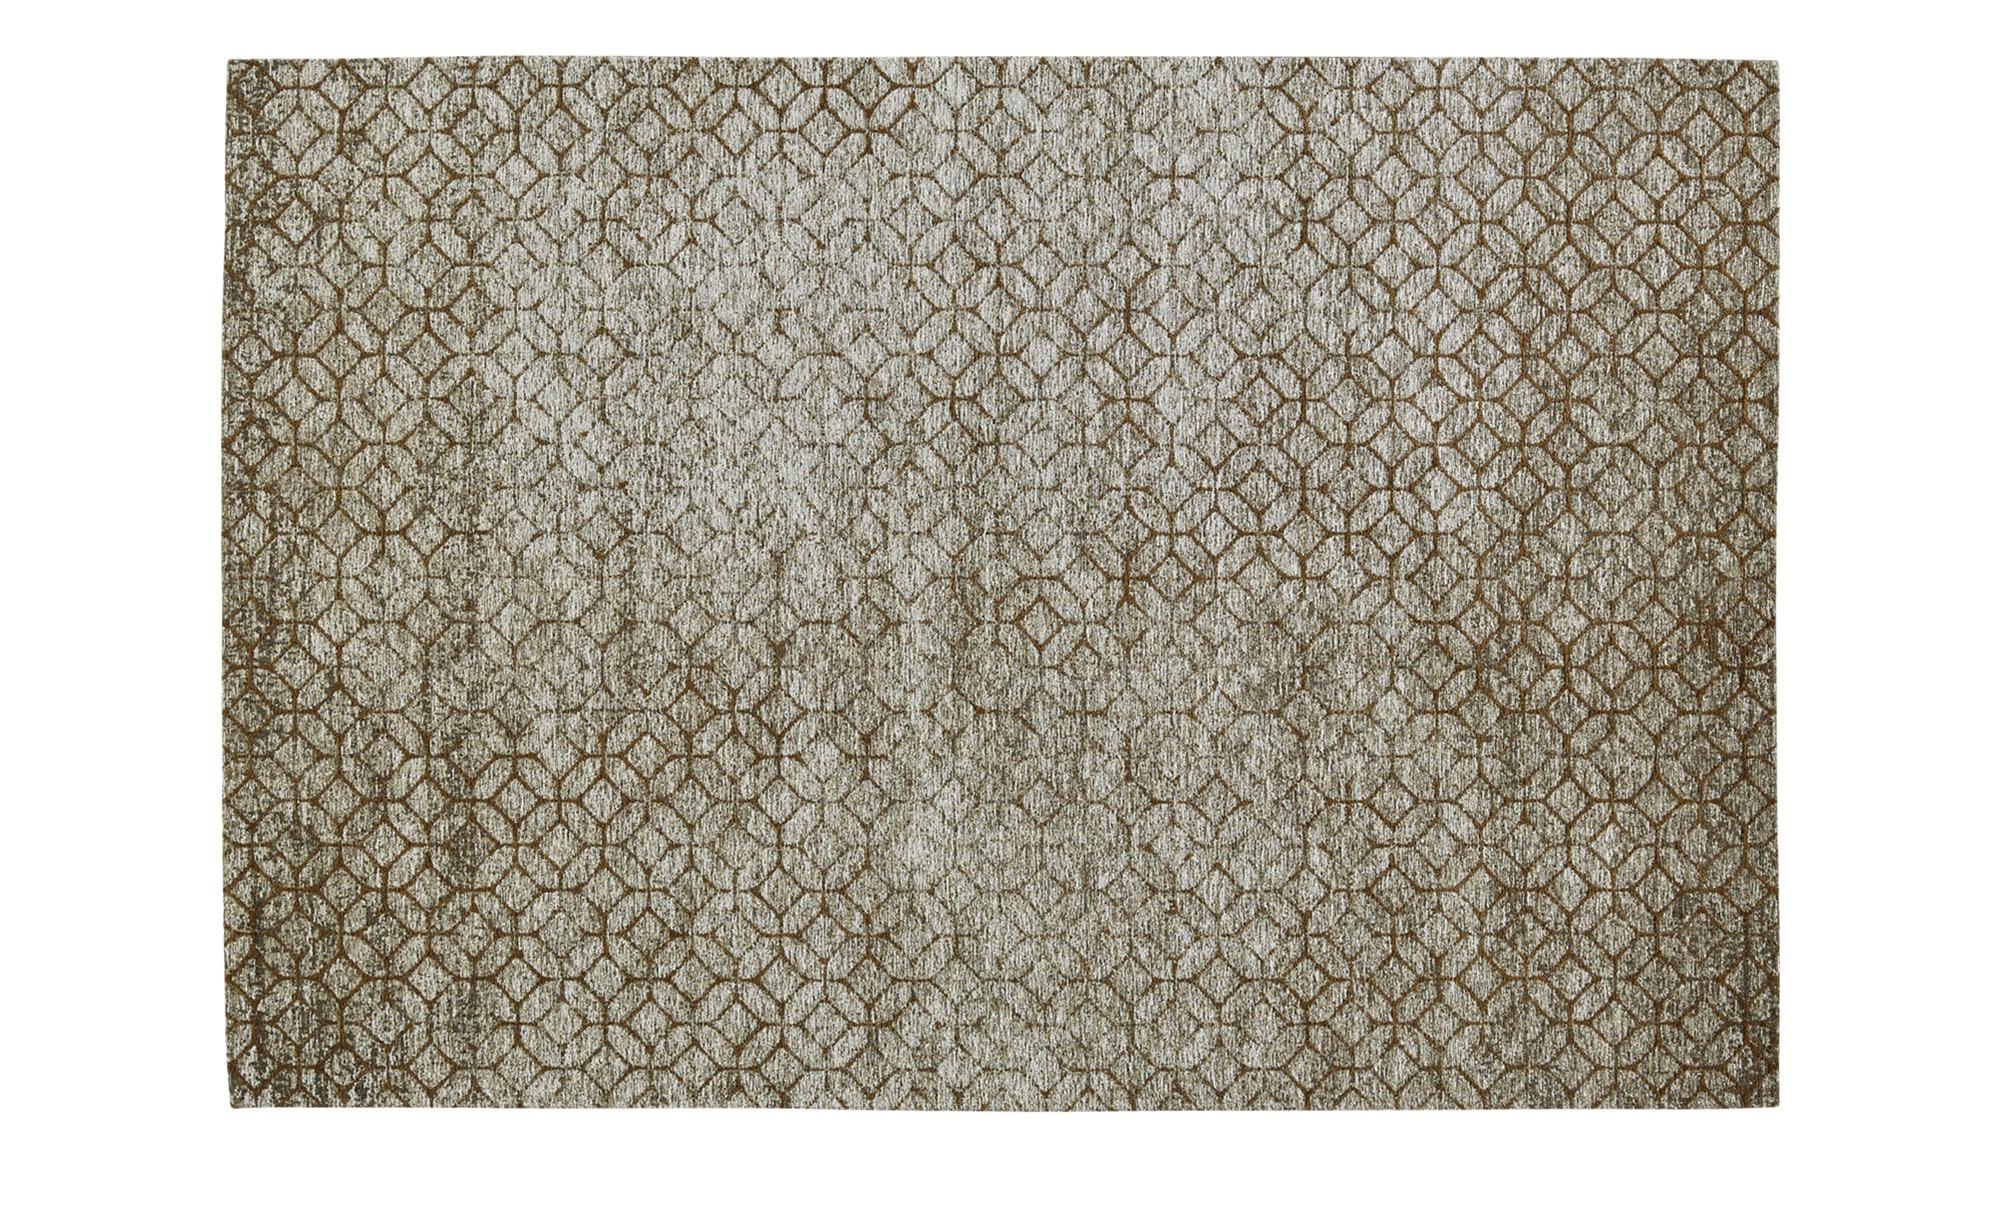 Webteppich  Harmonie 2000 ¦ braun ¦ 34% Baumwolle, 33% Polyethylen, 33% Chenille Acryl ¦ Maße (cm): B: 155 Teppiche > Wohnteppiche - Höffner